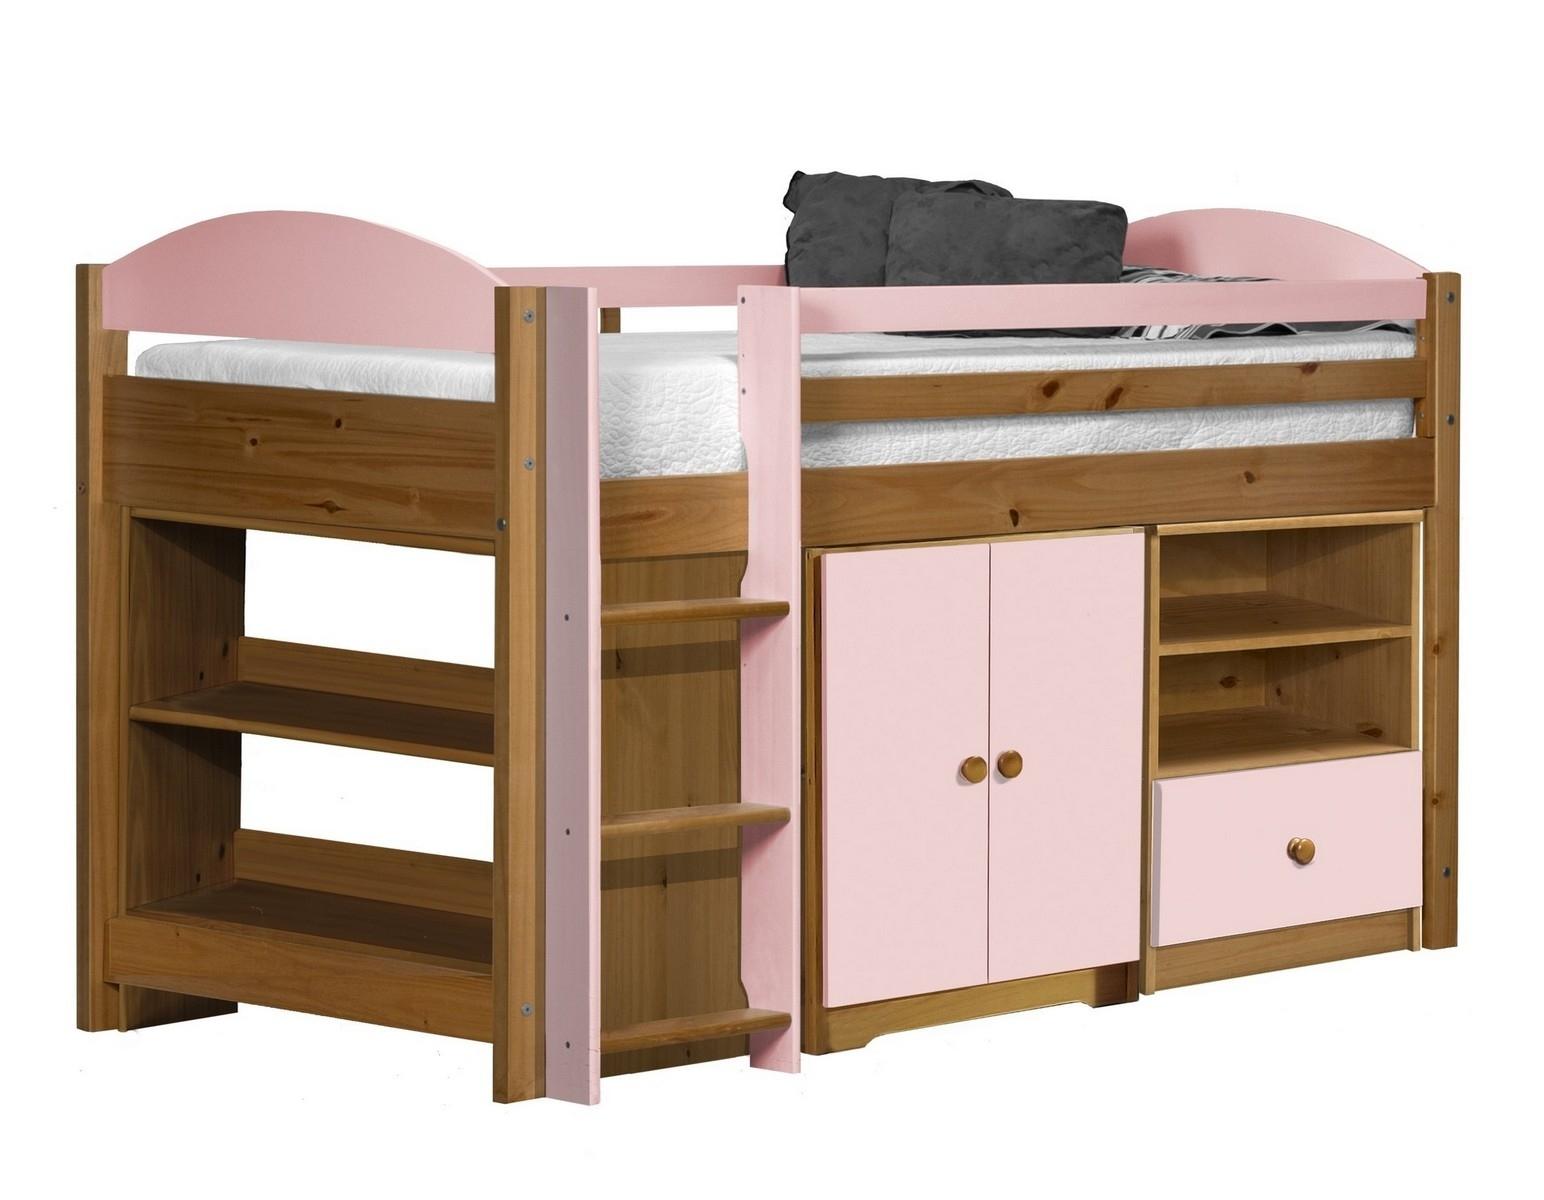 Lit combiné bureau bois massif best lit combiné images on